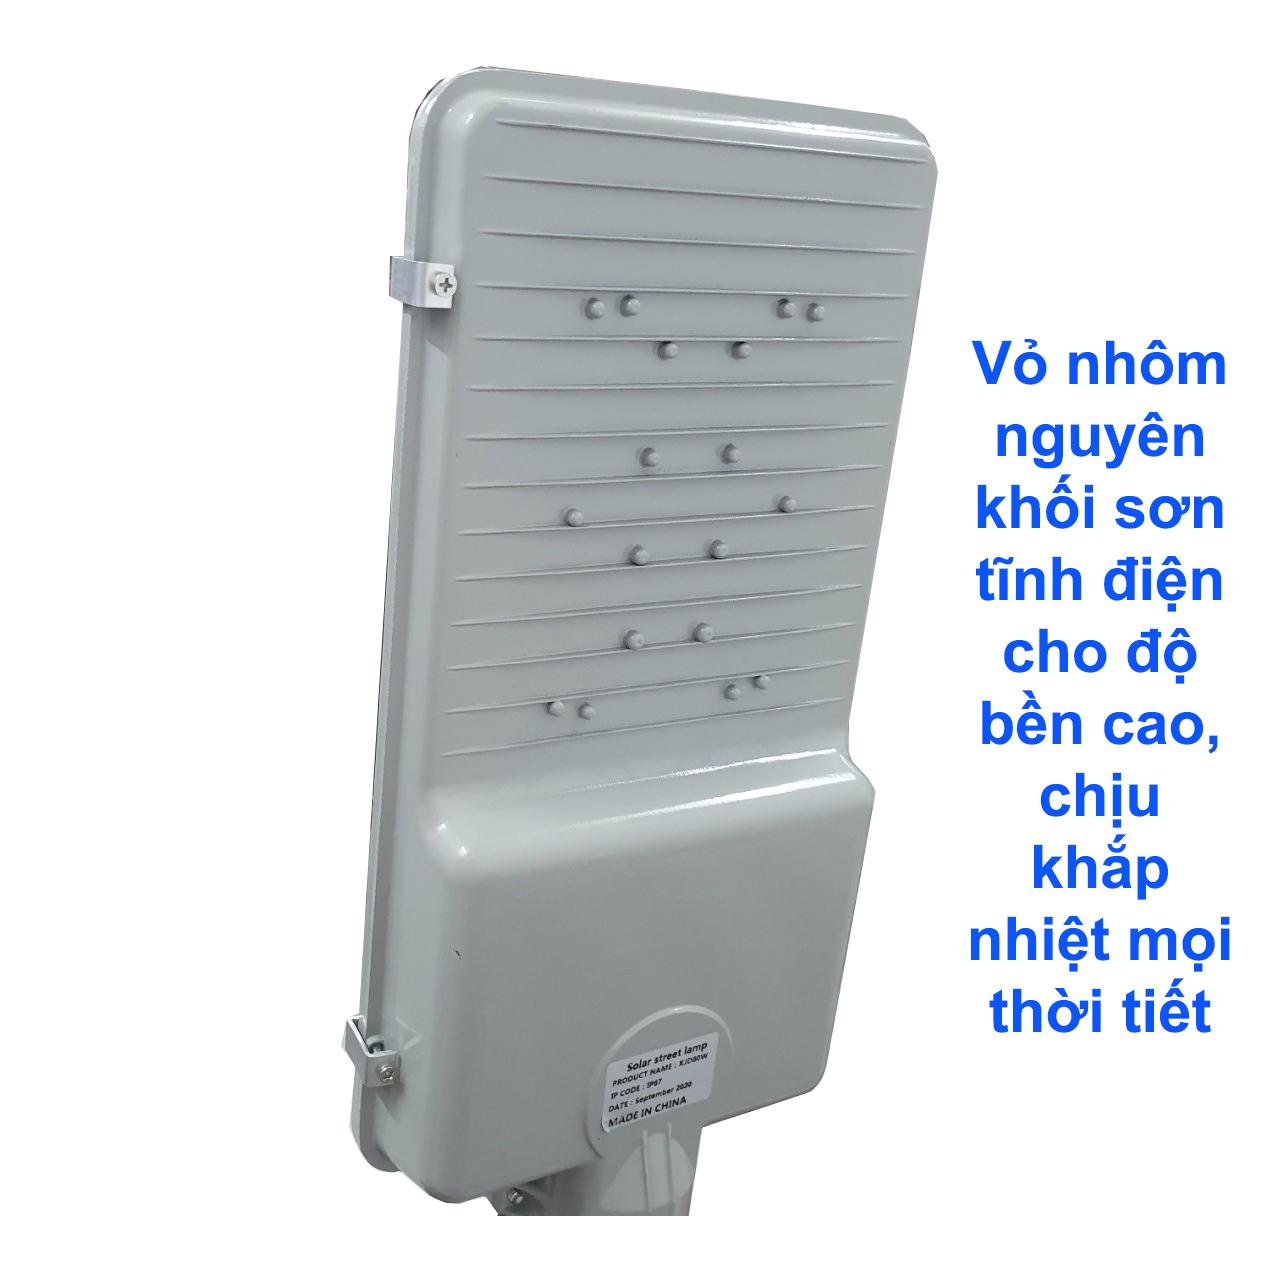 Đèn đường bàn chải năng lượng mặt trời 200W TCARE 616 led, 42000mAh, Tấm Mono - Hàng chính hãng